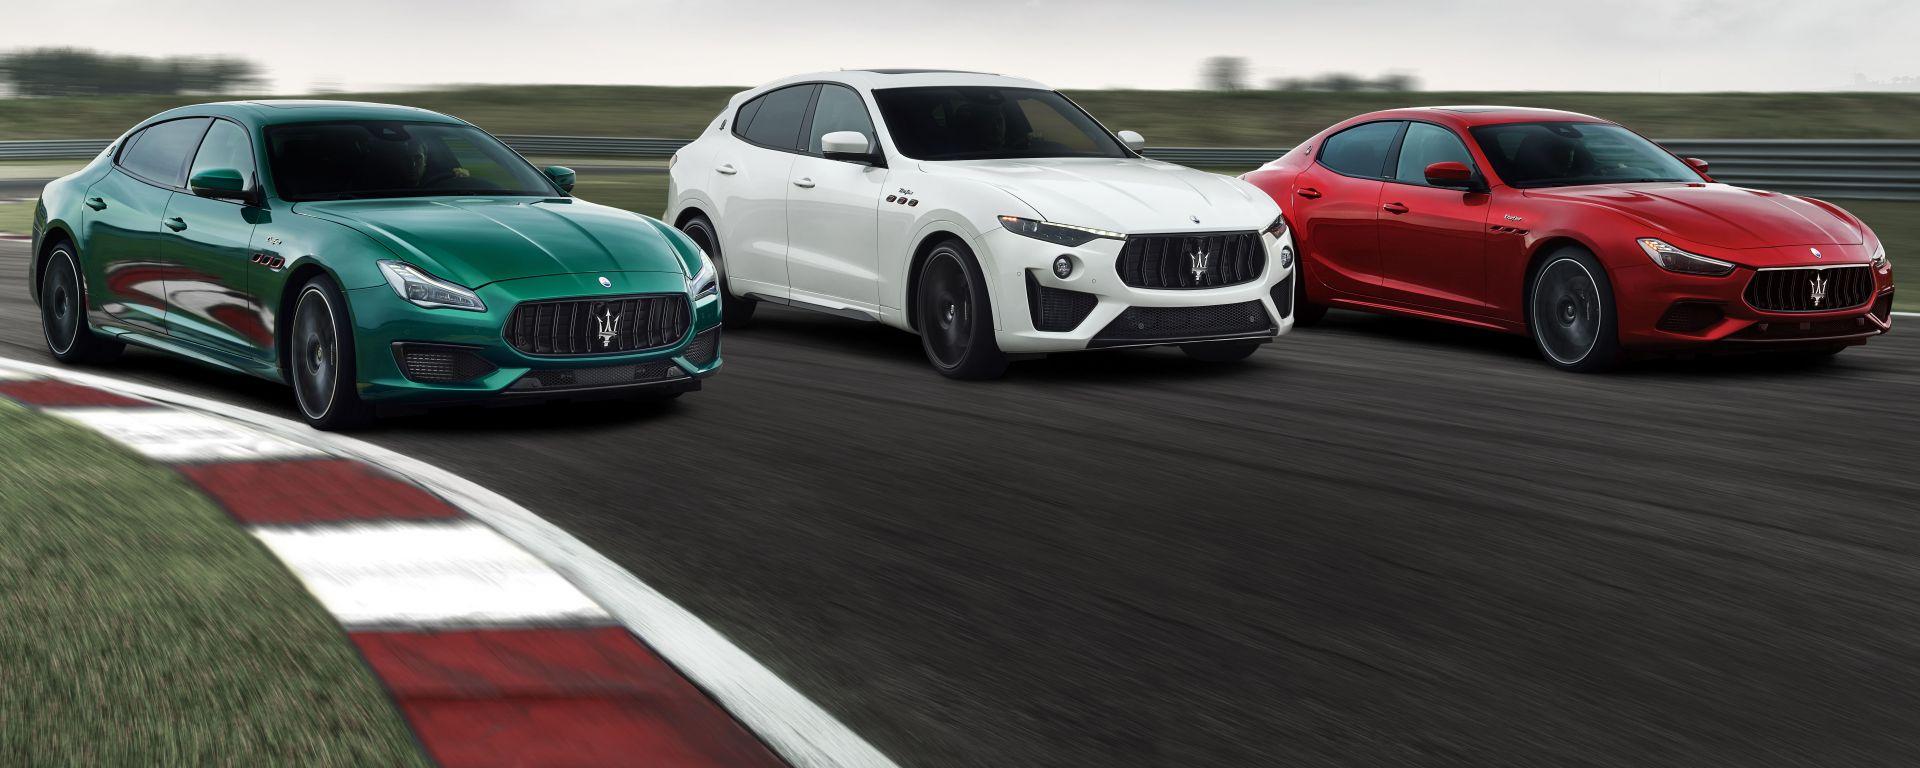 Maserati Quattroporte, Levante e Ghibli Trofeo